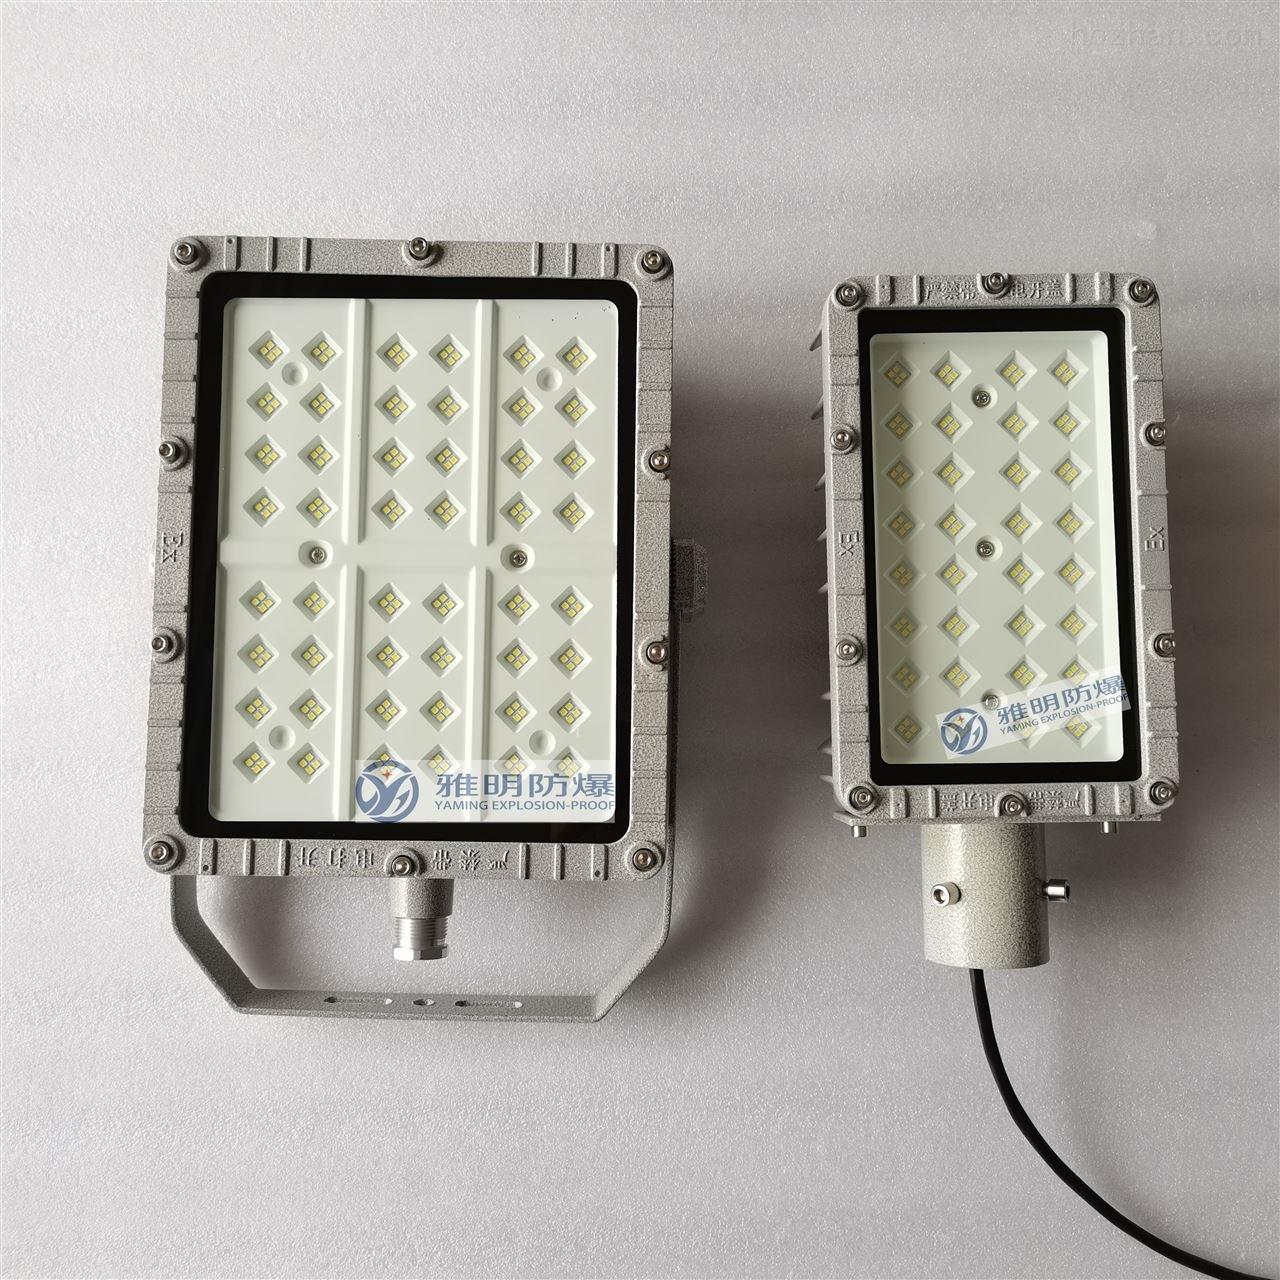 烤漆房喷漆房LED防爆灯100W 100W防爆LED灯